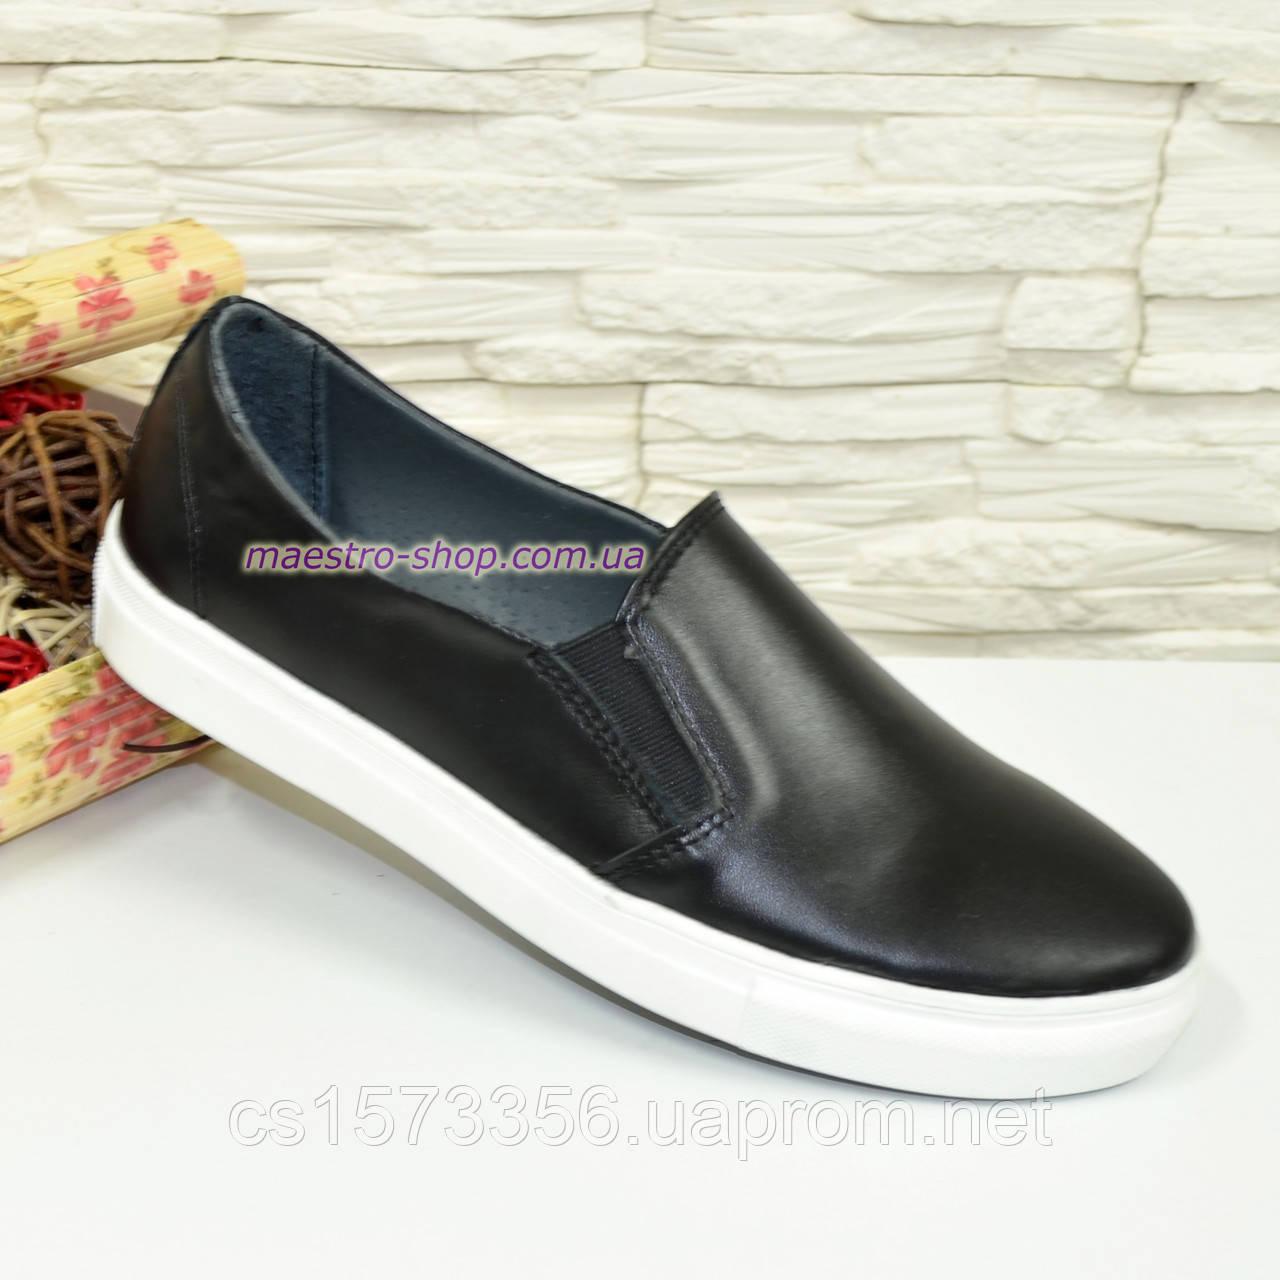 Туфли женские на утолщенной белой подошве из натуральной черной кожи